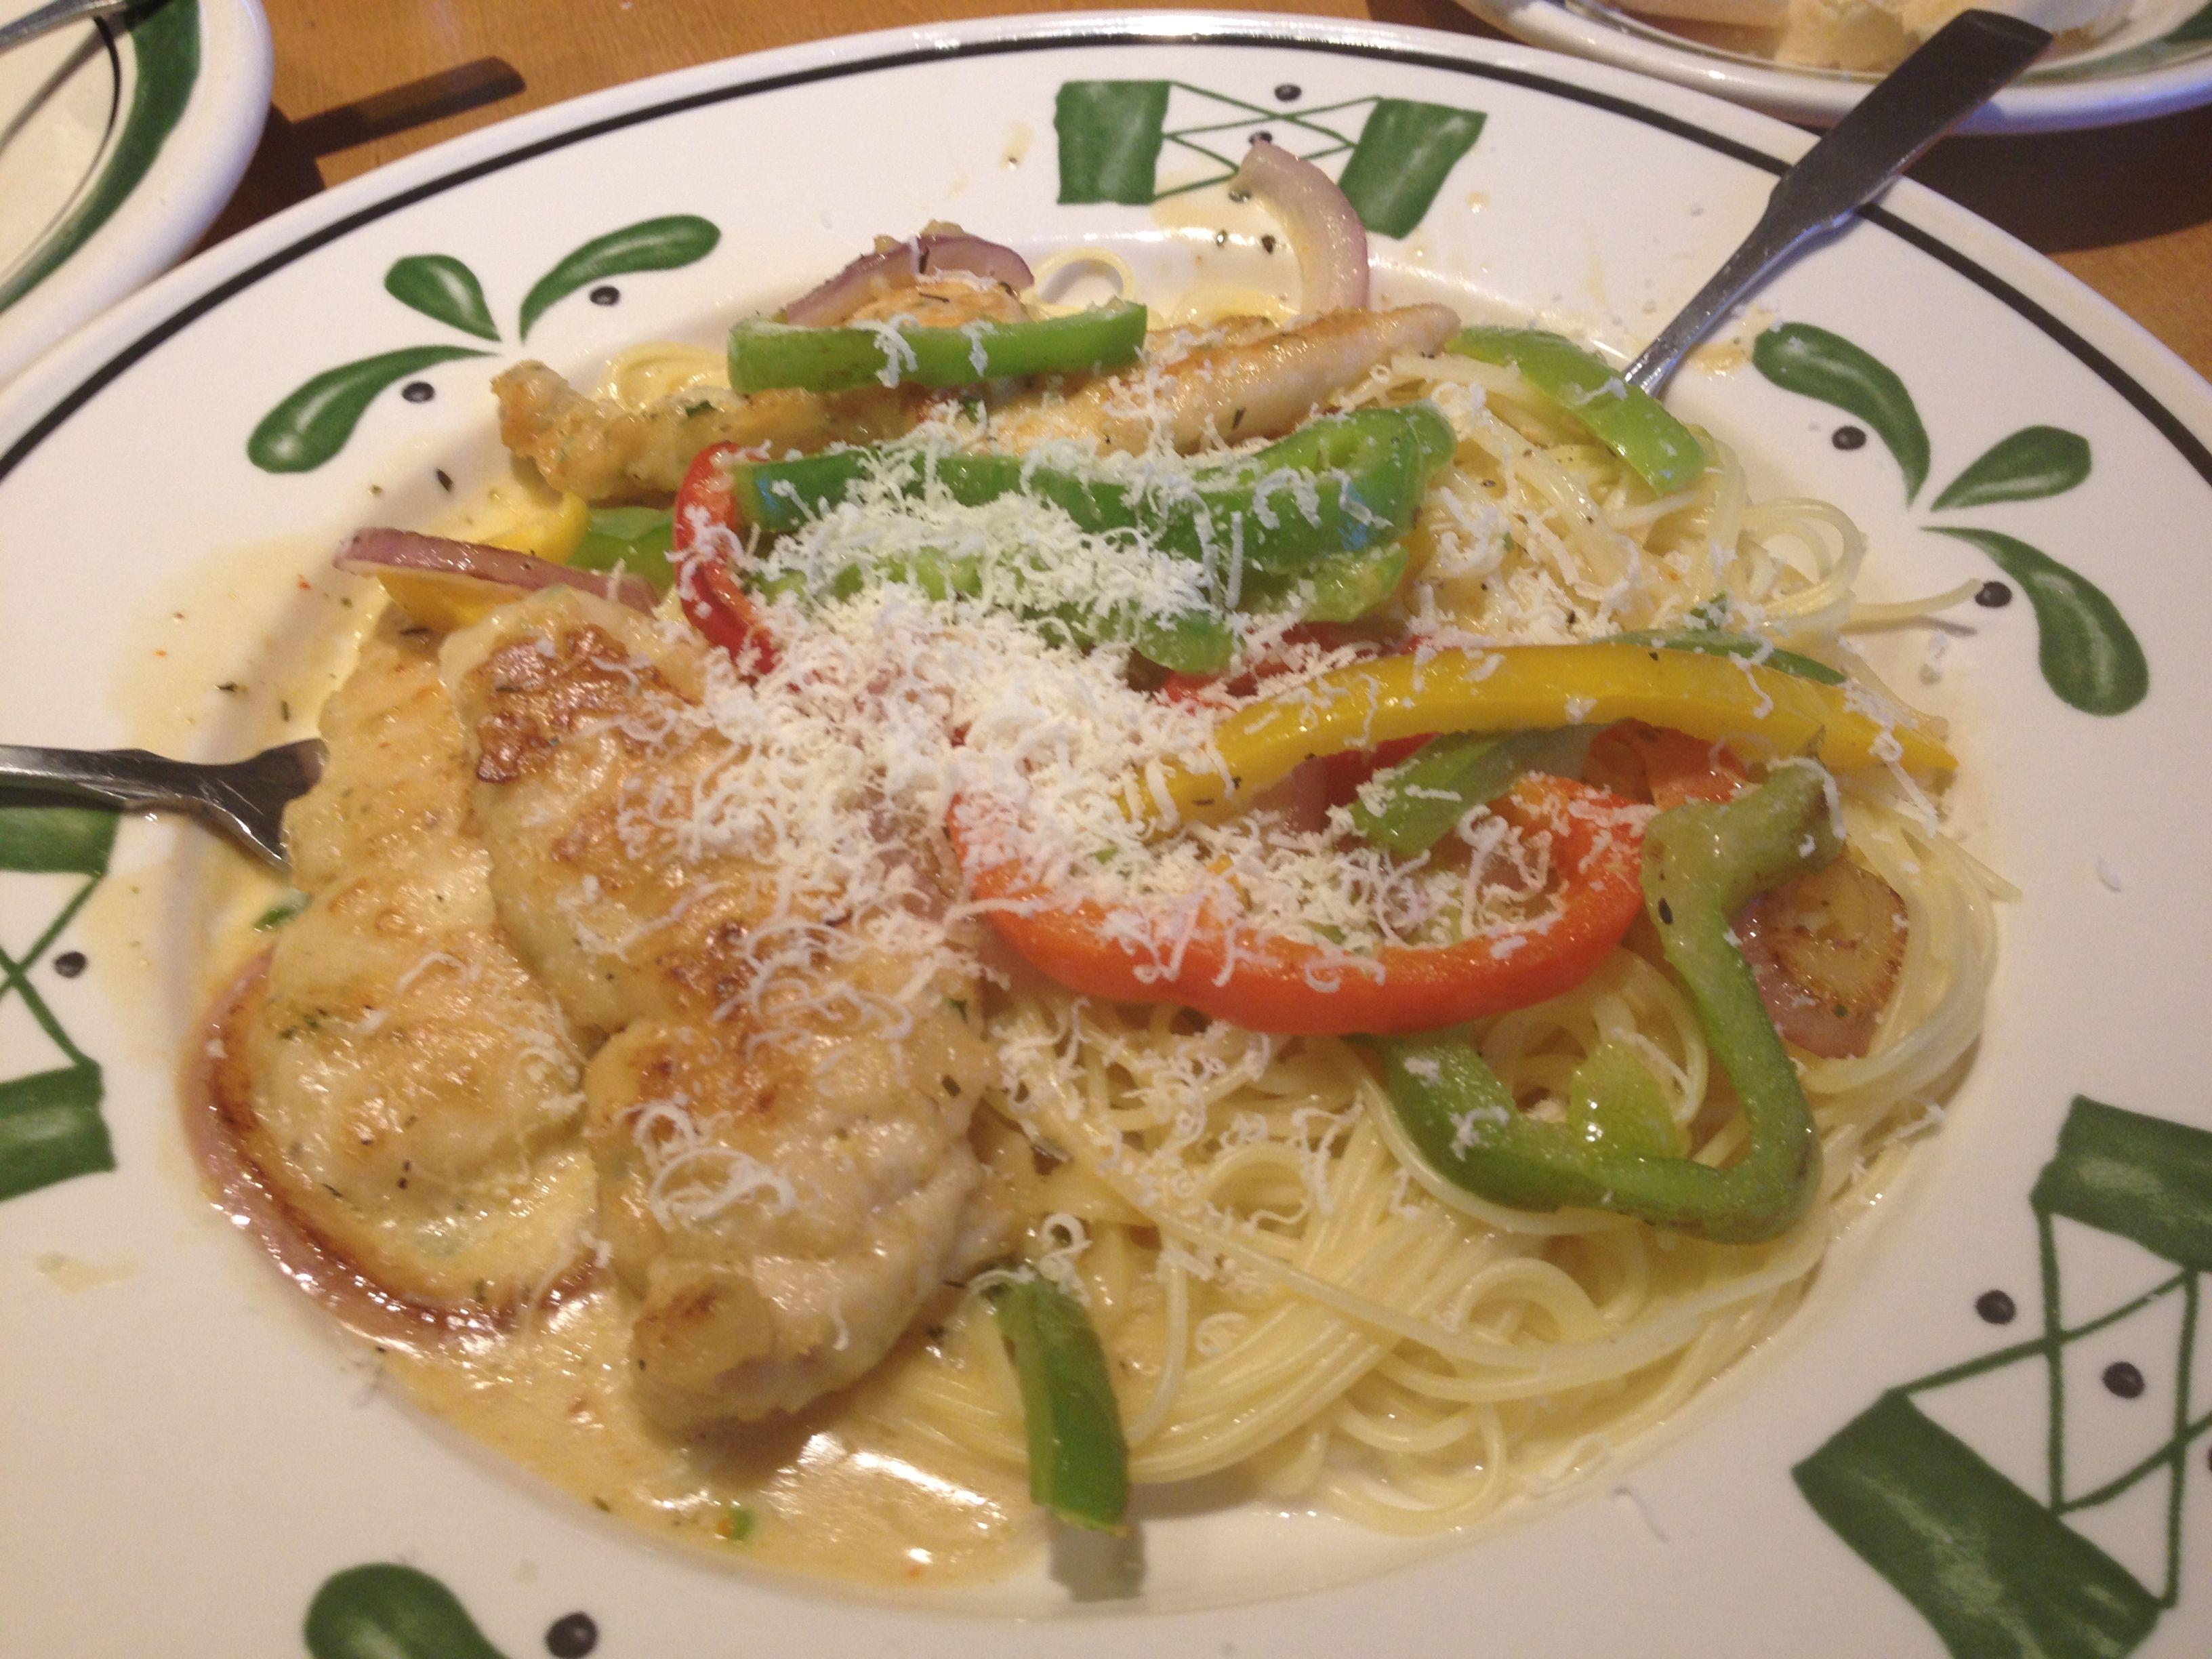 chicken scampi olive garden mmm - Olive Garden Chicken Scampi